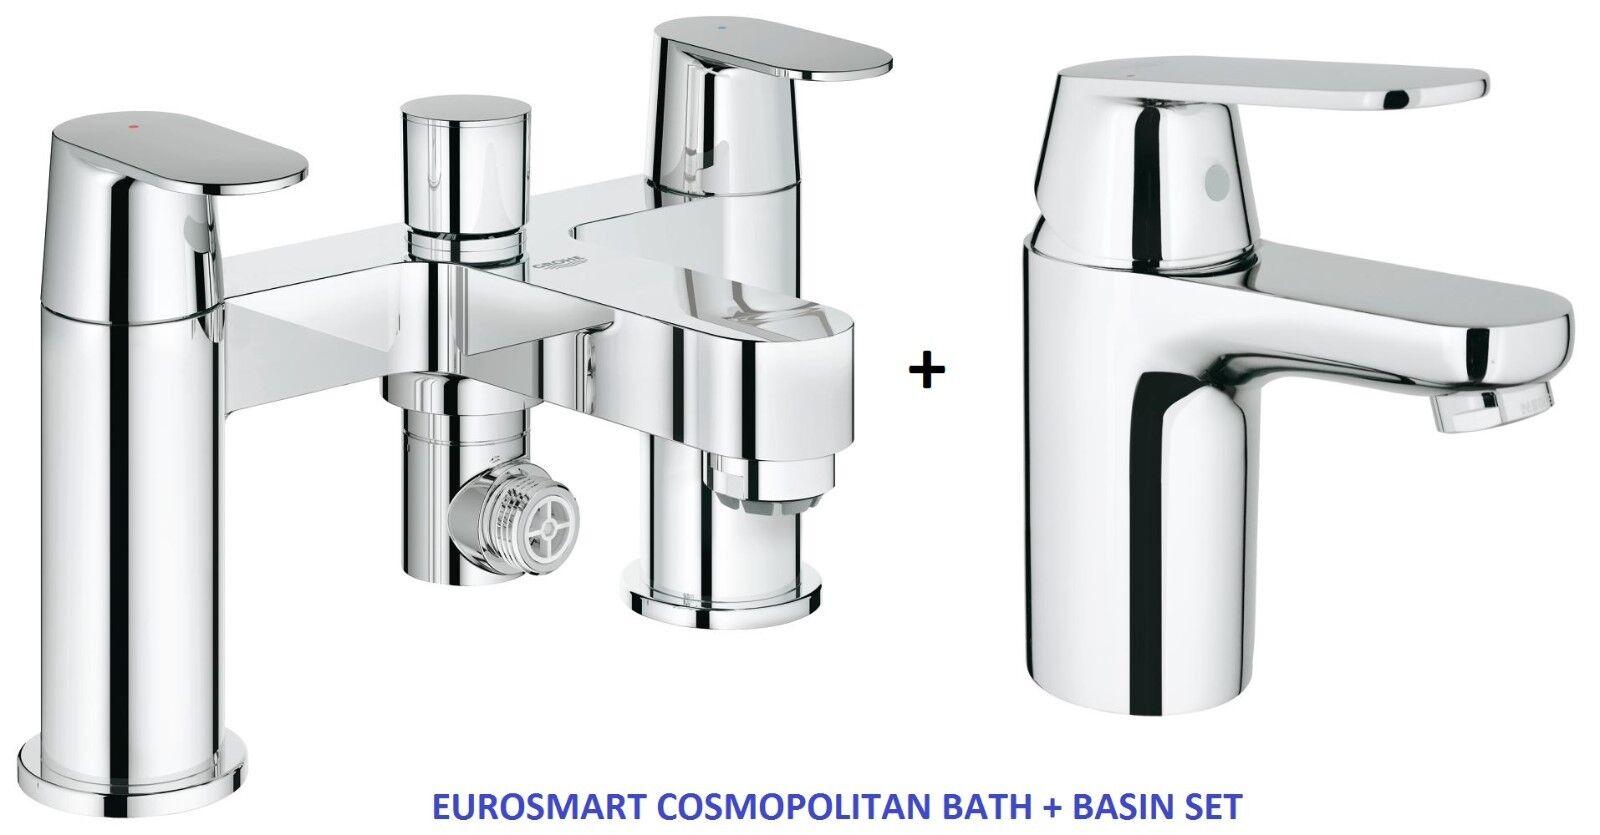 GROHE EUROSMART COSMOPOLITAN Miscelatore Doccia Bagno Rubinetto Miscelatore lavabo liscio 25129 + 3282400L